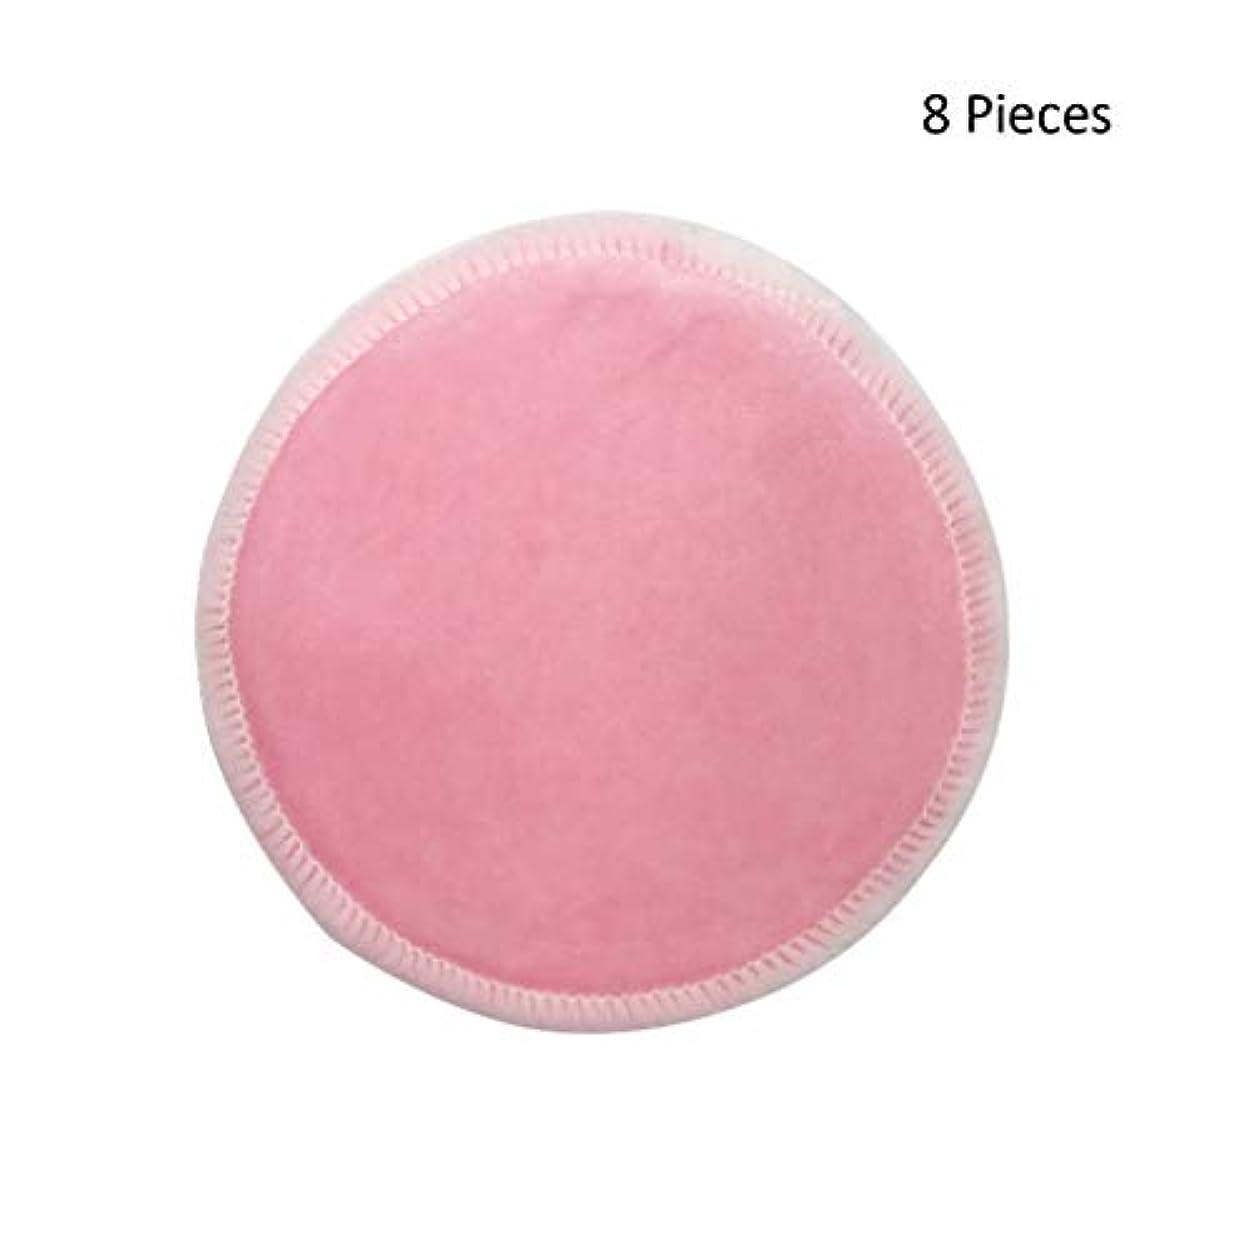 複雑な思い出す天皇化粧パッド 竹綿ソフト再利用可能なスキンケアフェイスワイプ洗えるディープクレンジング化粧品ツールラウンドメイク落としパッド8センチ メイク落とし化粧パッド (Color : Multi-colored, サイズ : 12 Pieces)